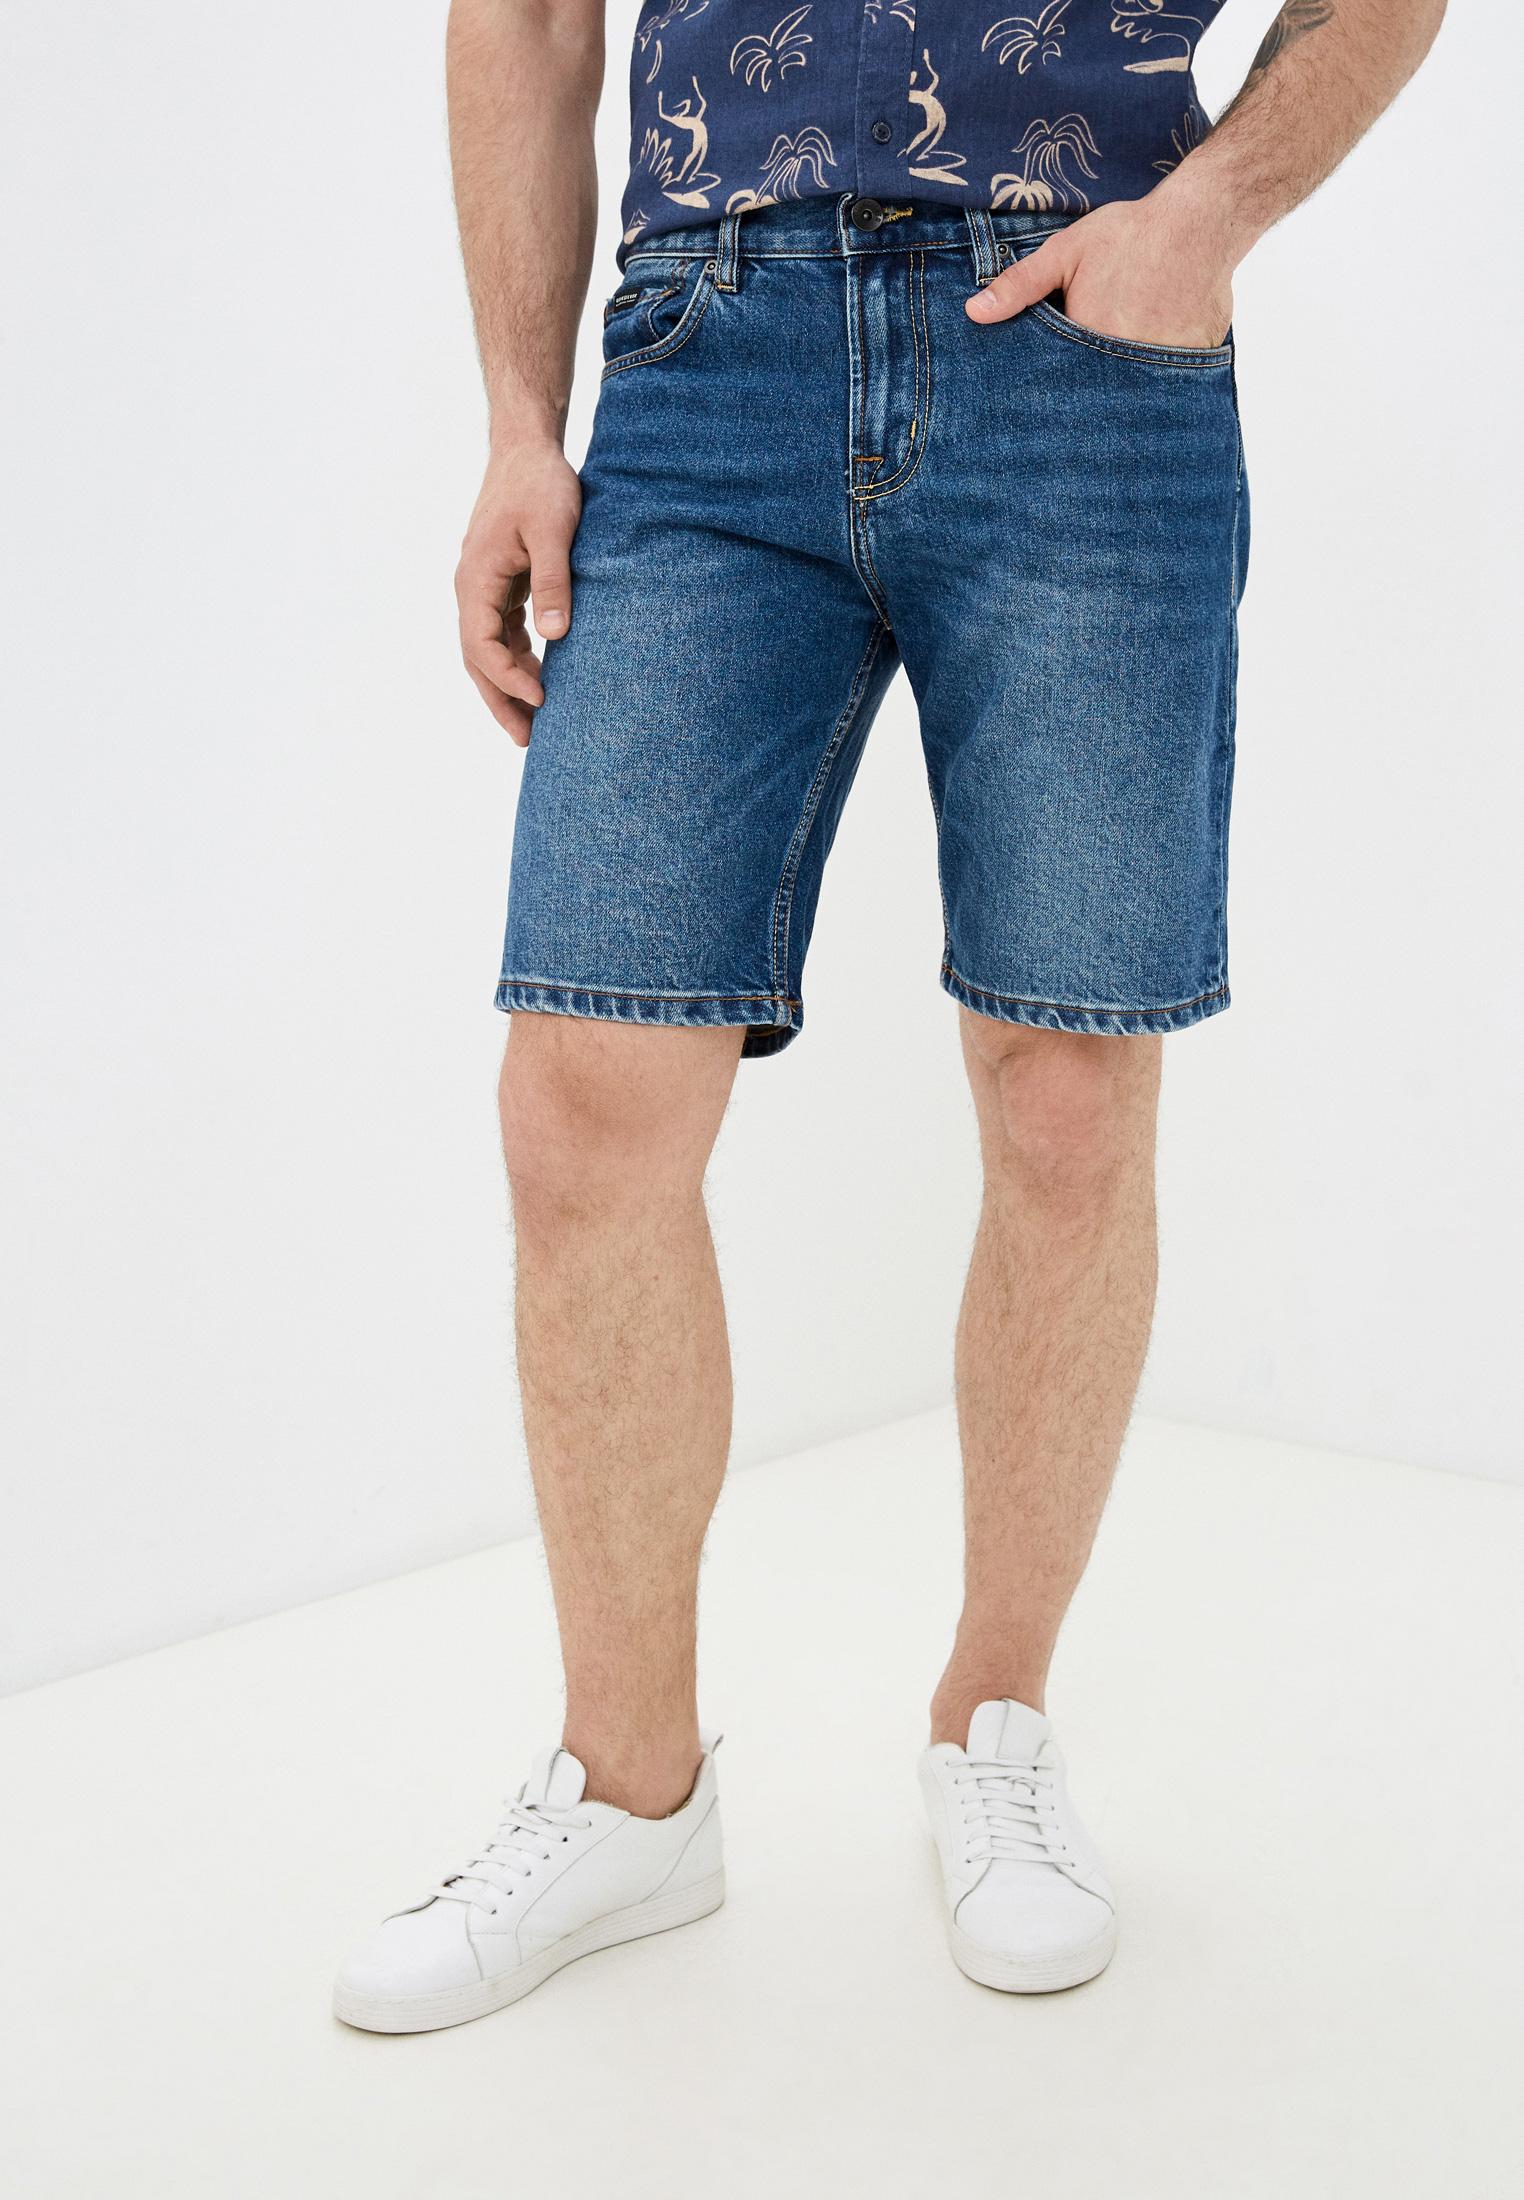 Мужские спортивные шорты Quiksilver (Квиксильвер) Шорты джинсовые Quiksilver